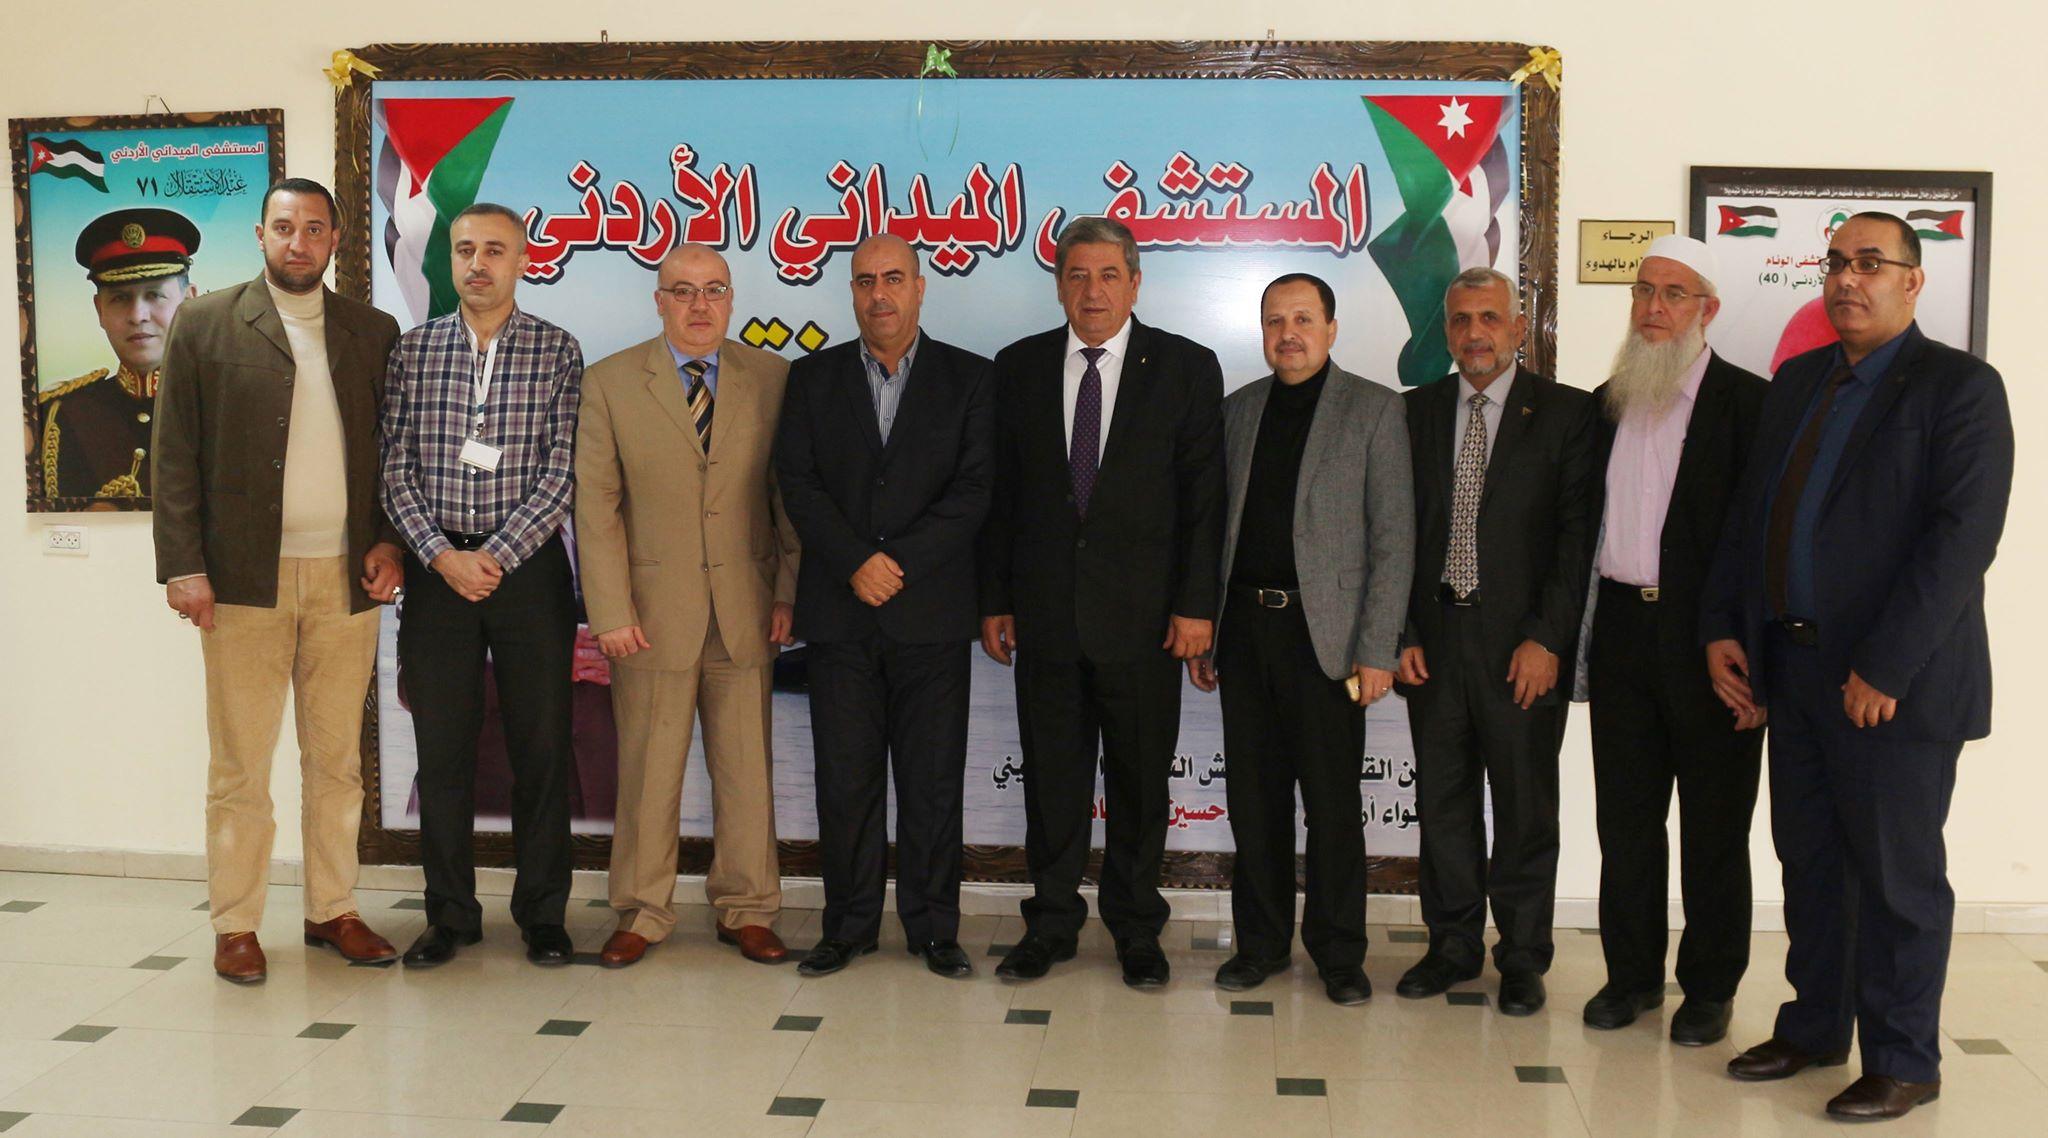 وفد من الجامعة يزور المستشفى الميداني الأردني غزة